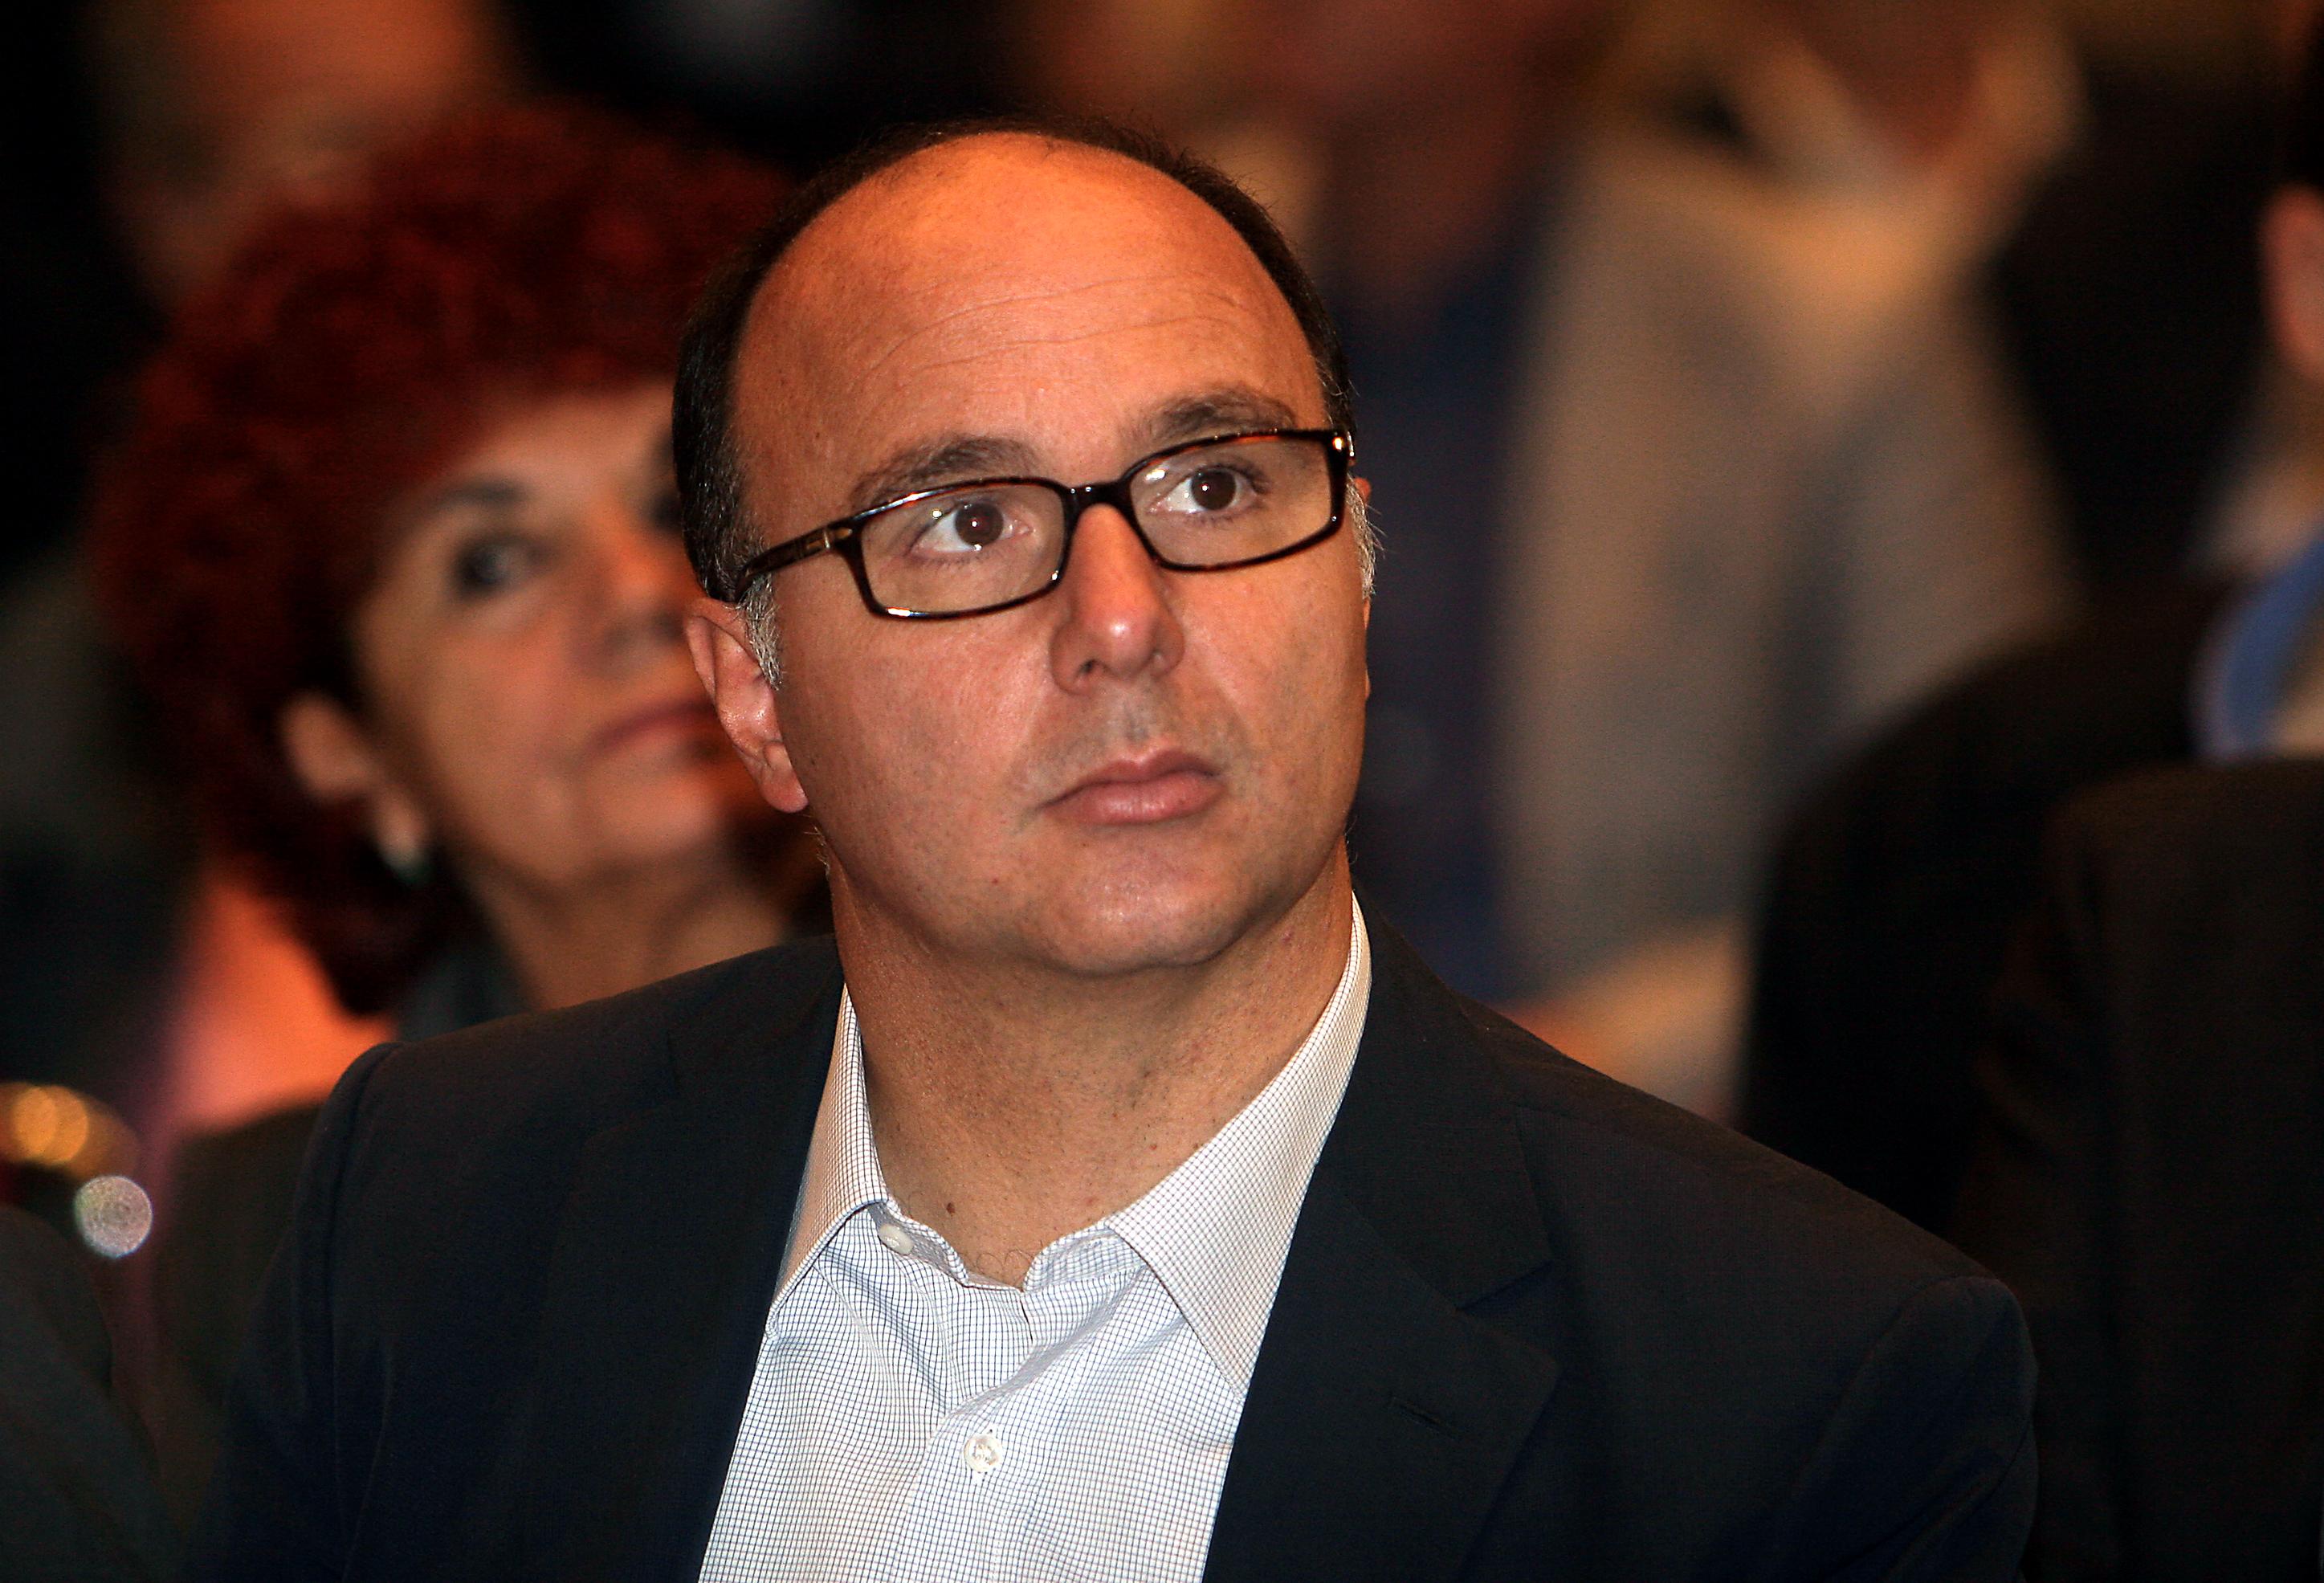 La classifica degli stipendi dei super manager italiani - La finestra di fronte andrea guerra ...